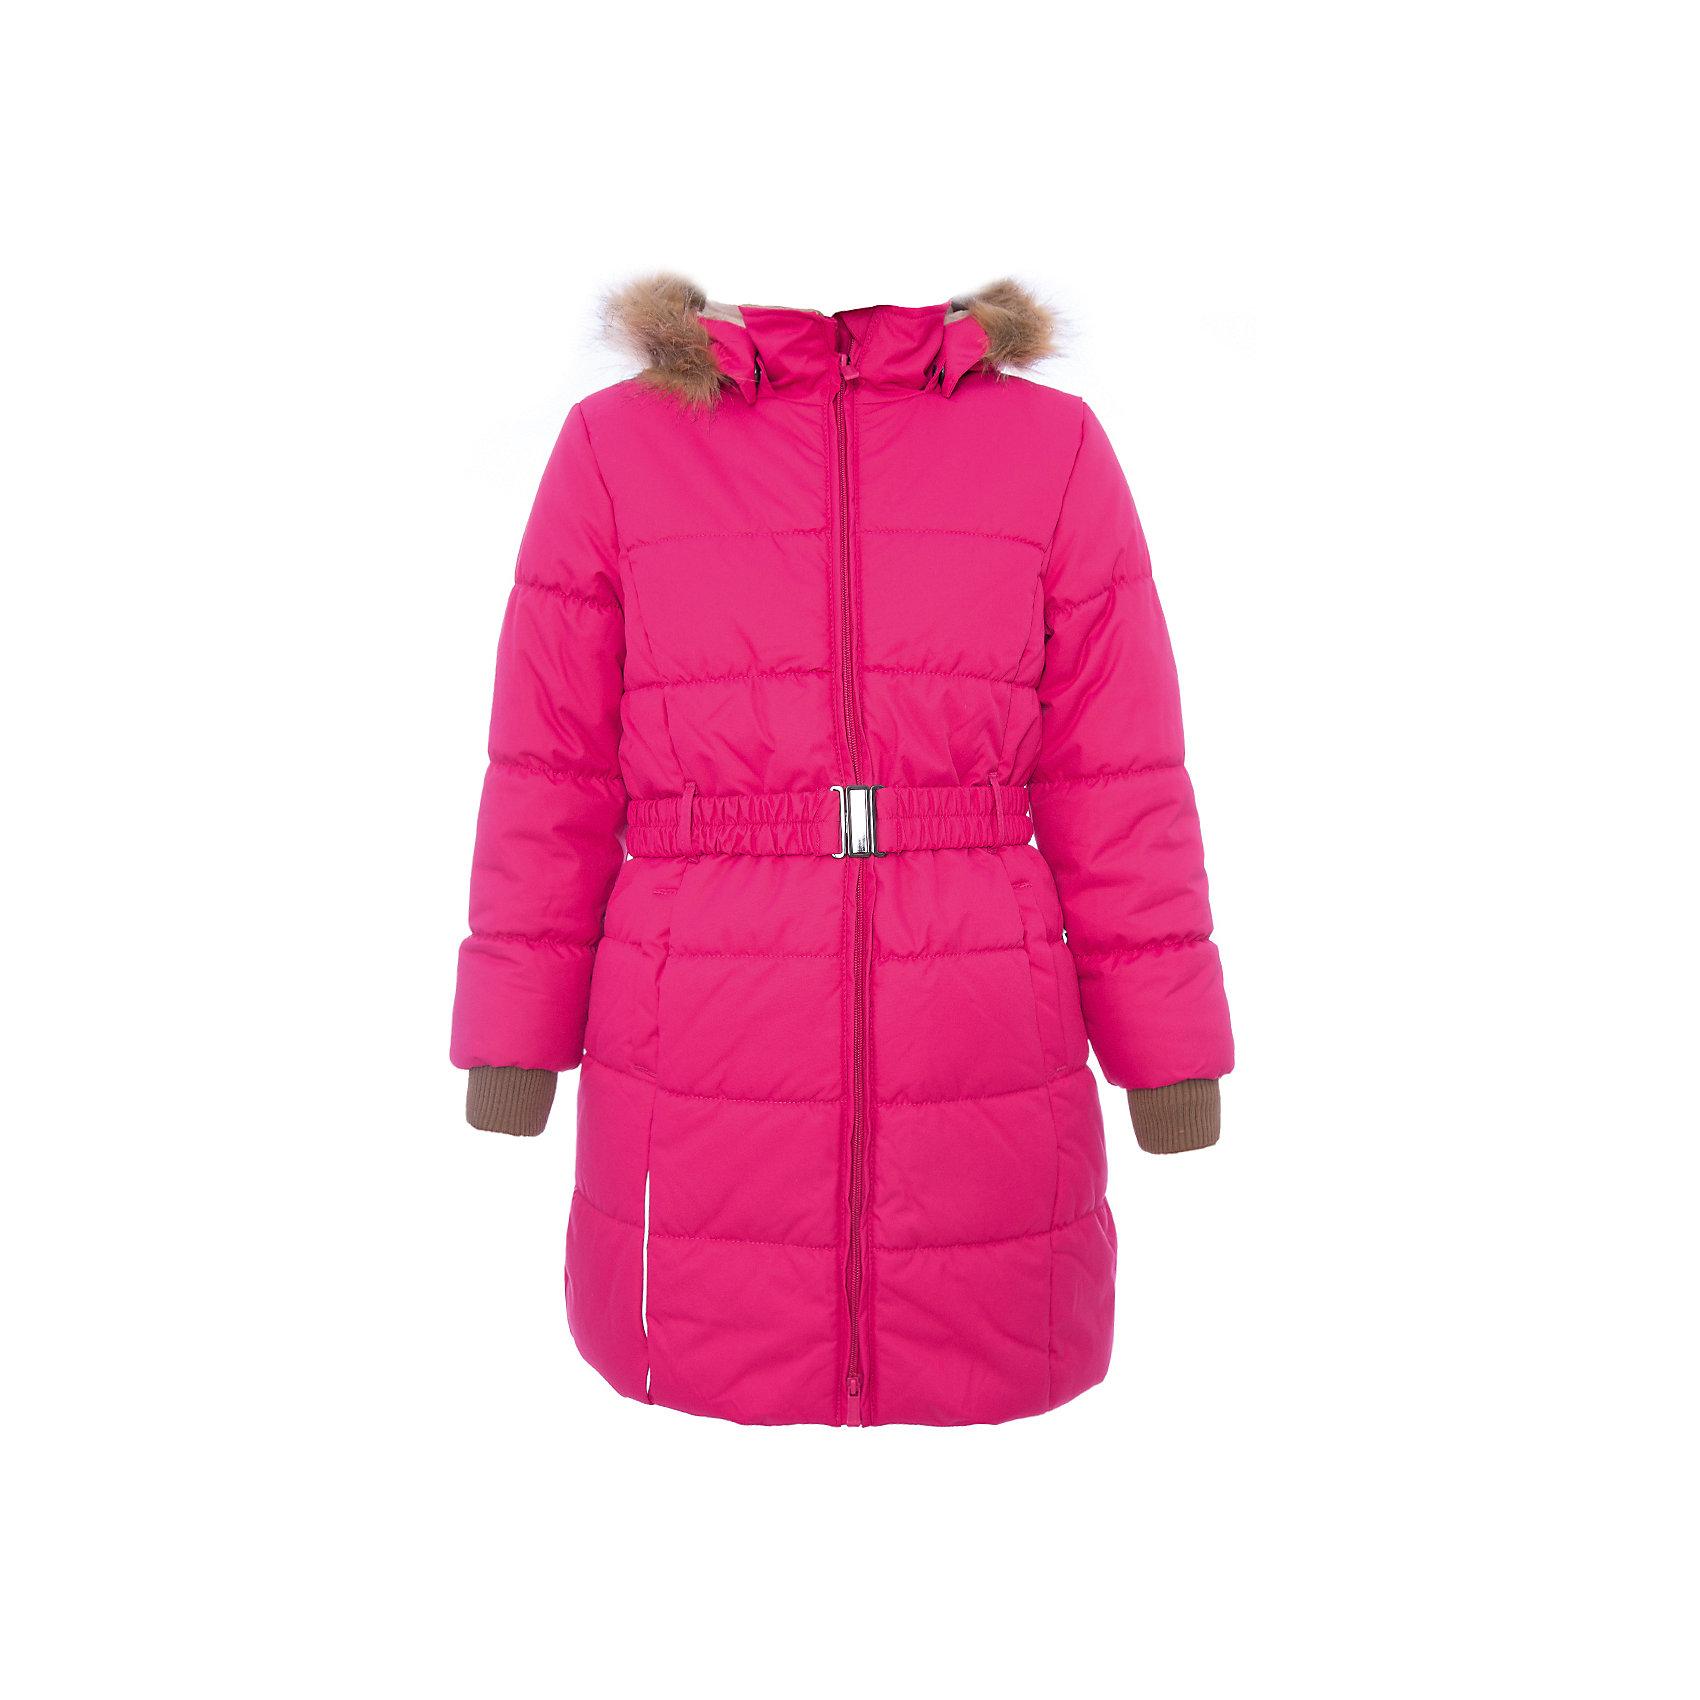 Пальто YACARANDA Huppa для девочкиВерхняя одежда<br>Куртка для девочек YACARANDA.Водо и воздухонепроницаемость 10 000. Утеплитель 300 гр. Подкладка тафта, флис 100% полиэстер. Отстегивающийся капюшон с мехом. Внутренний манжет рукава.Вязаные детали.Двухсторонняя молния. Имеются светоотражательные детали.<br>Состав:<br>100% Полиэстер<br><br>Ширина мм: 356<br>Глубина мм: 10<br>Высота мм: 245<br>Вес г: 519<br>Цвет: фуксия<br>Возраст от месяцев: 168<br>Возраст до месяцев: 180<br>Пол: Женский<br>Возраст: Детский<br>Размер: 170,128,104,110,116,122,134,140,146,152,158,164<br>SKU: 7027427